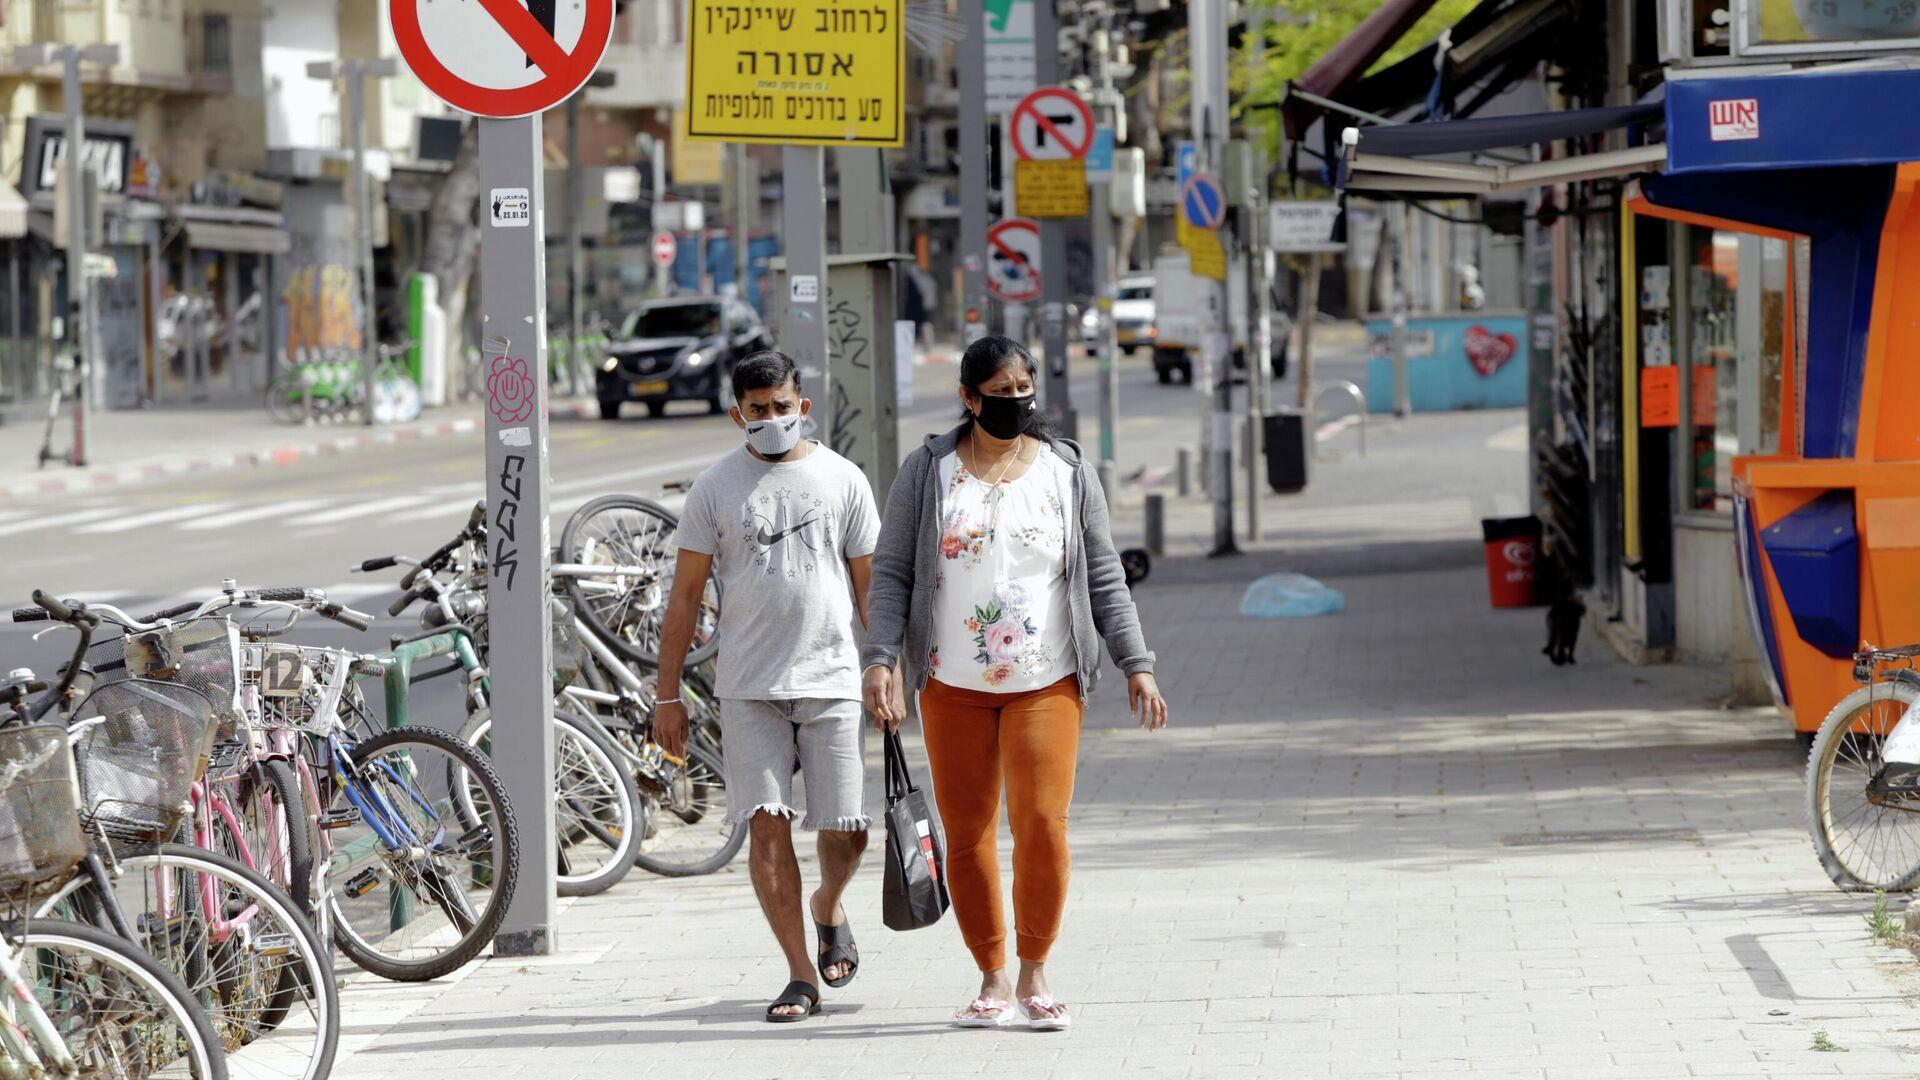 Прохожие в медицинских масках на одной из улиц Тель-Авива - РИА Новости, 1920, 06.03.2021